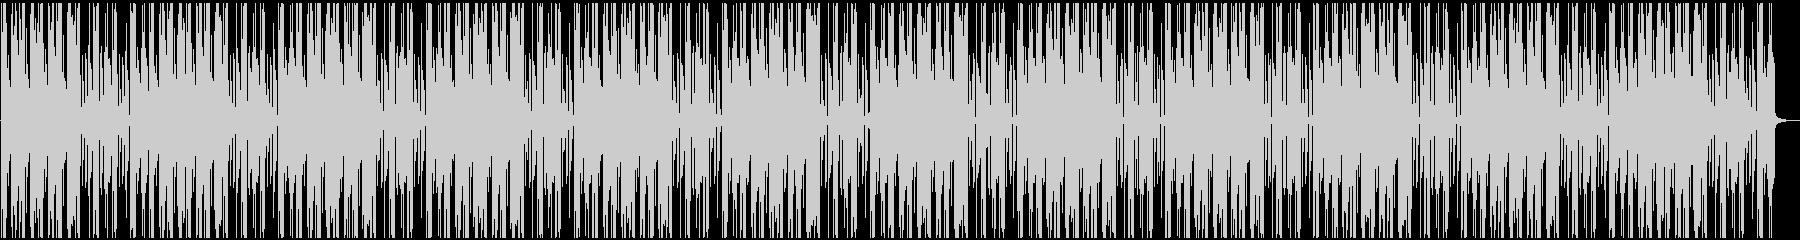 リラックス スロー R&B 日常の未再生の波形